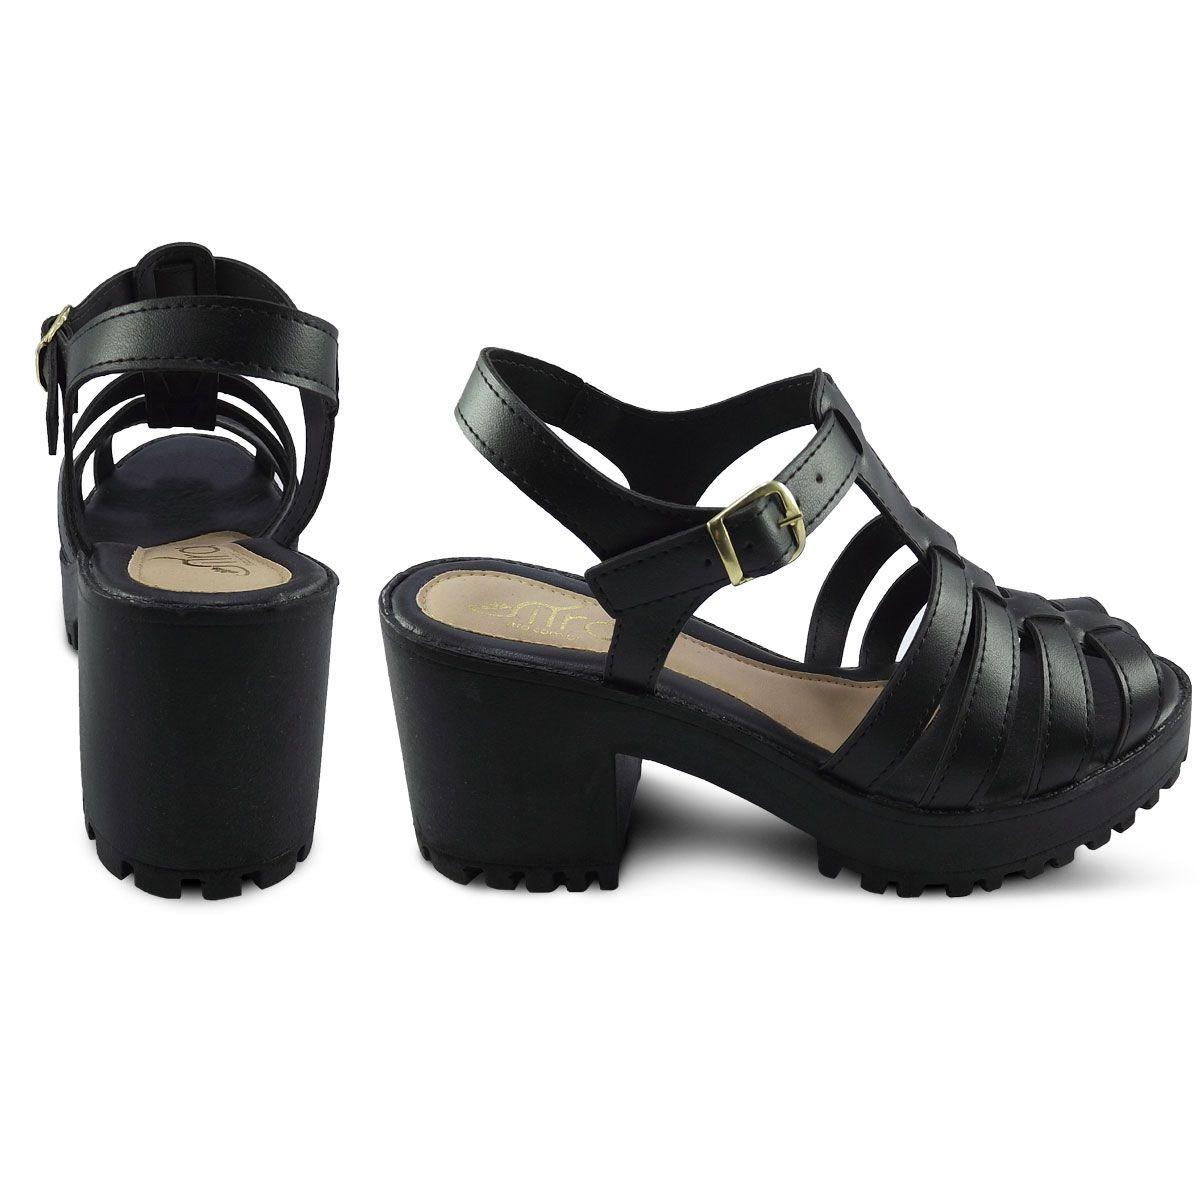 e4b64e3530 sandalia feminina salto alto grosso tratorada platafoma 18. Carregando zoom.